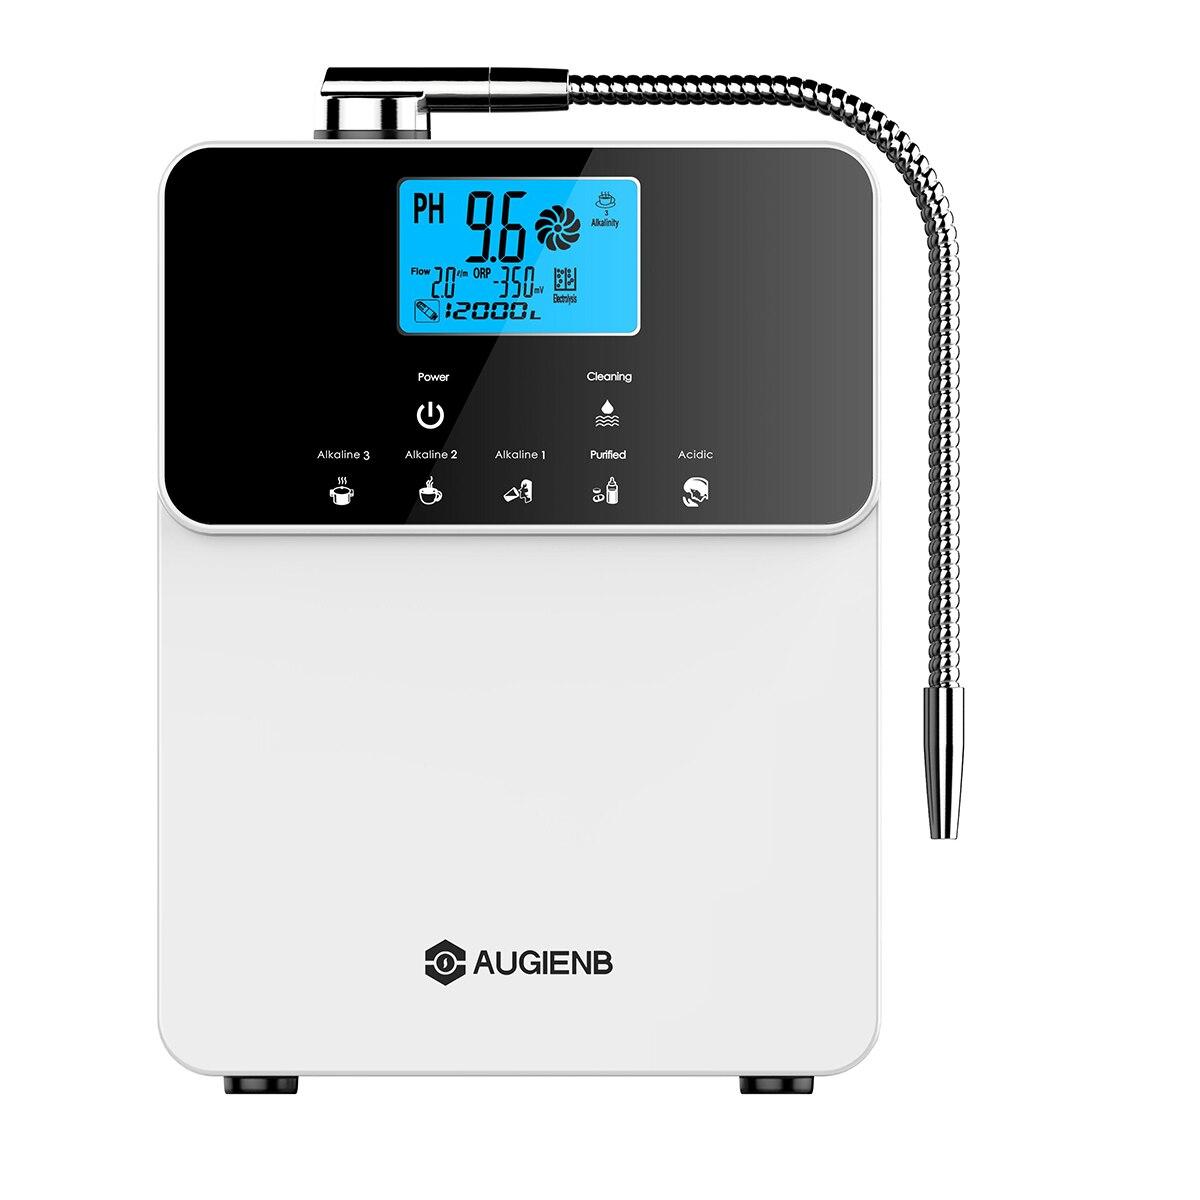 Augienb 12000L D'eau Ioniseur Purificateur Machine PH3.5-11 Ajuster Acide Alcalin 5 Paramètres du Mode Auto-Nettoyage LCD Tactile Filtre À Eau